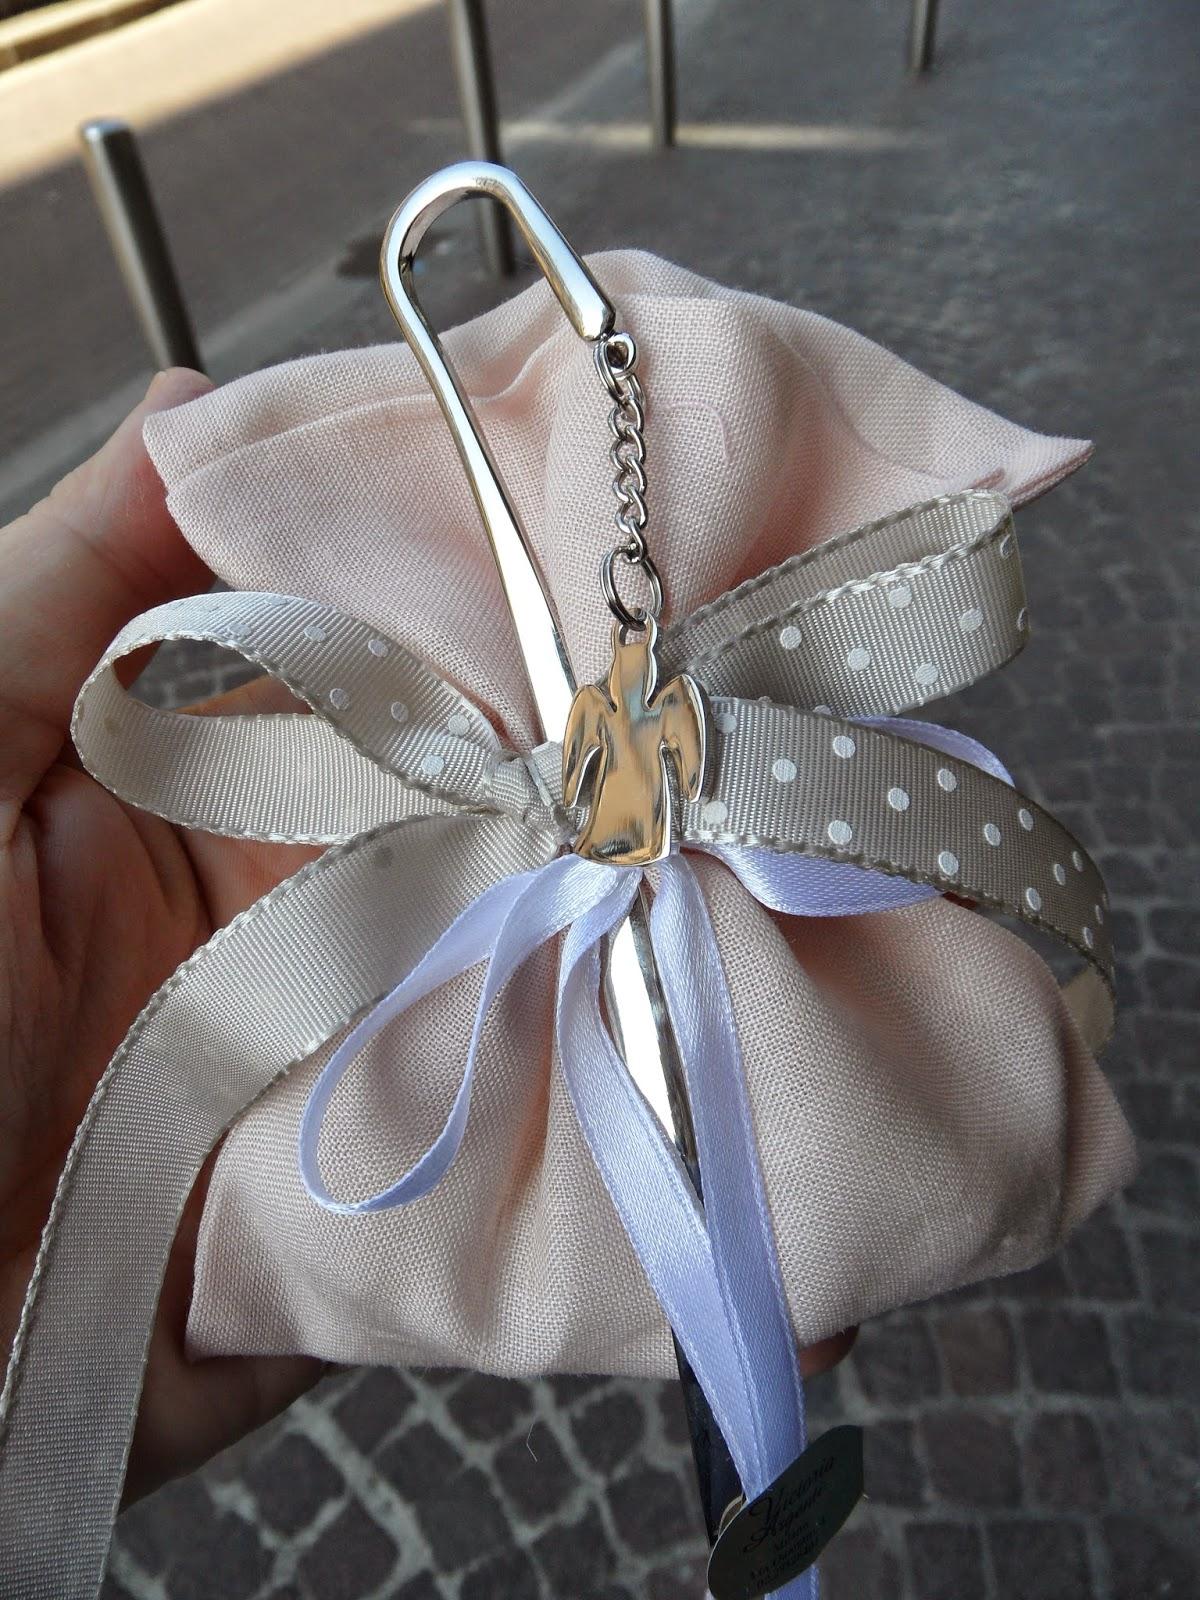 Favorito Bomboniere per Amore: Idee Comunione Bimba Sacchetto lino color  AX91